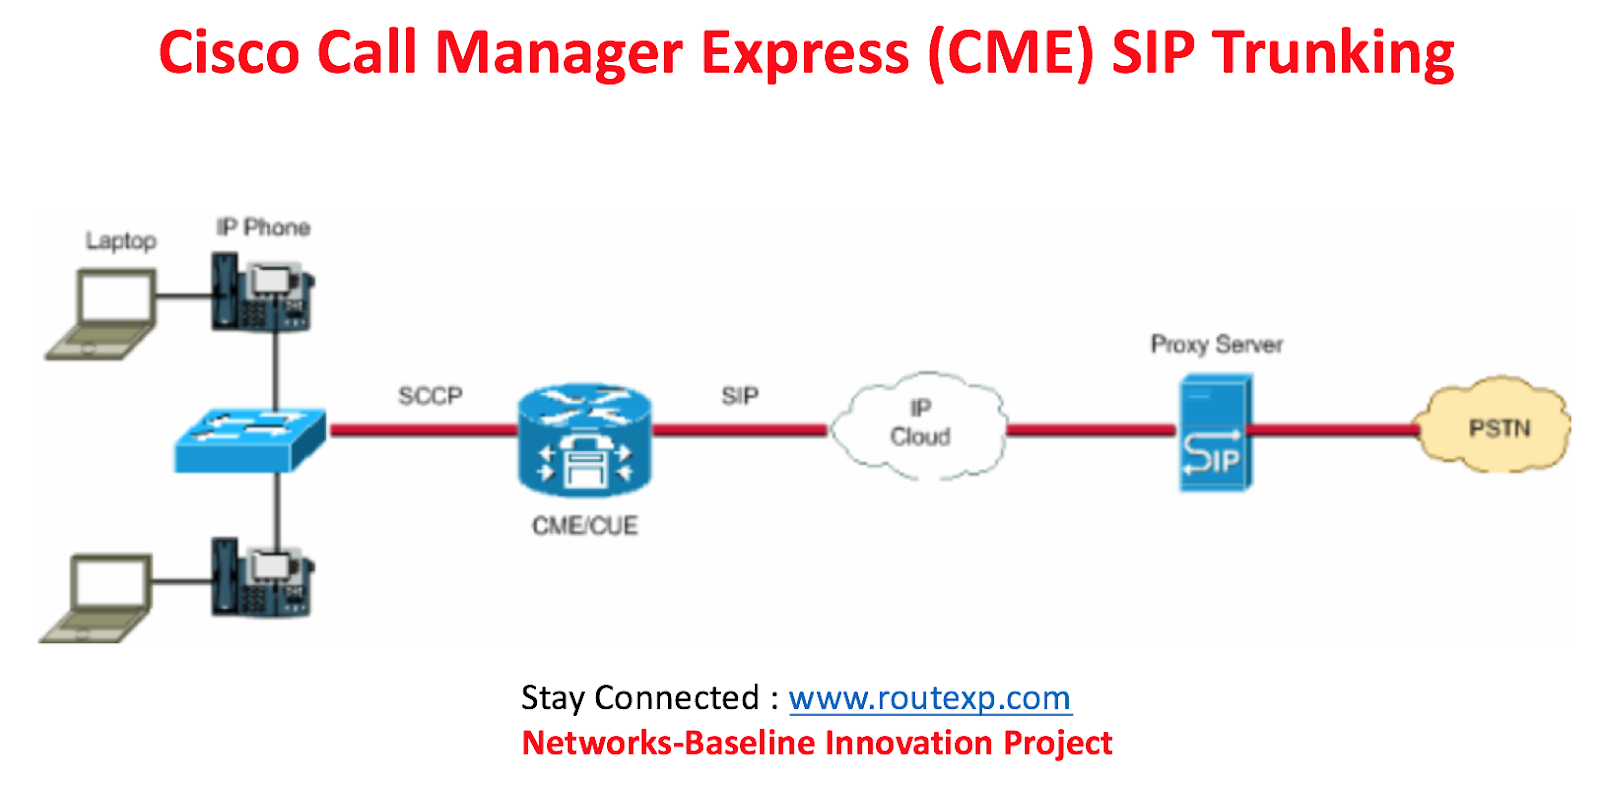 Cisco Collaboration: Cisco CallManager Express (CME) SIP Trunking